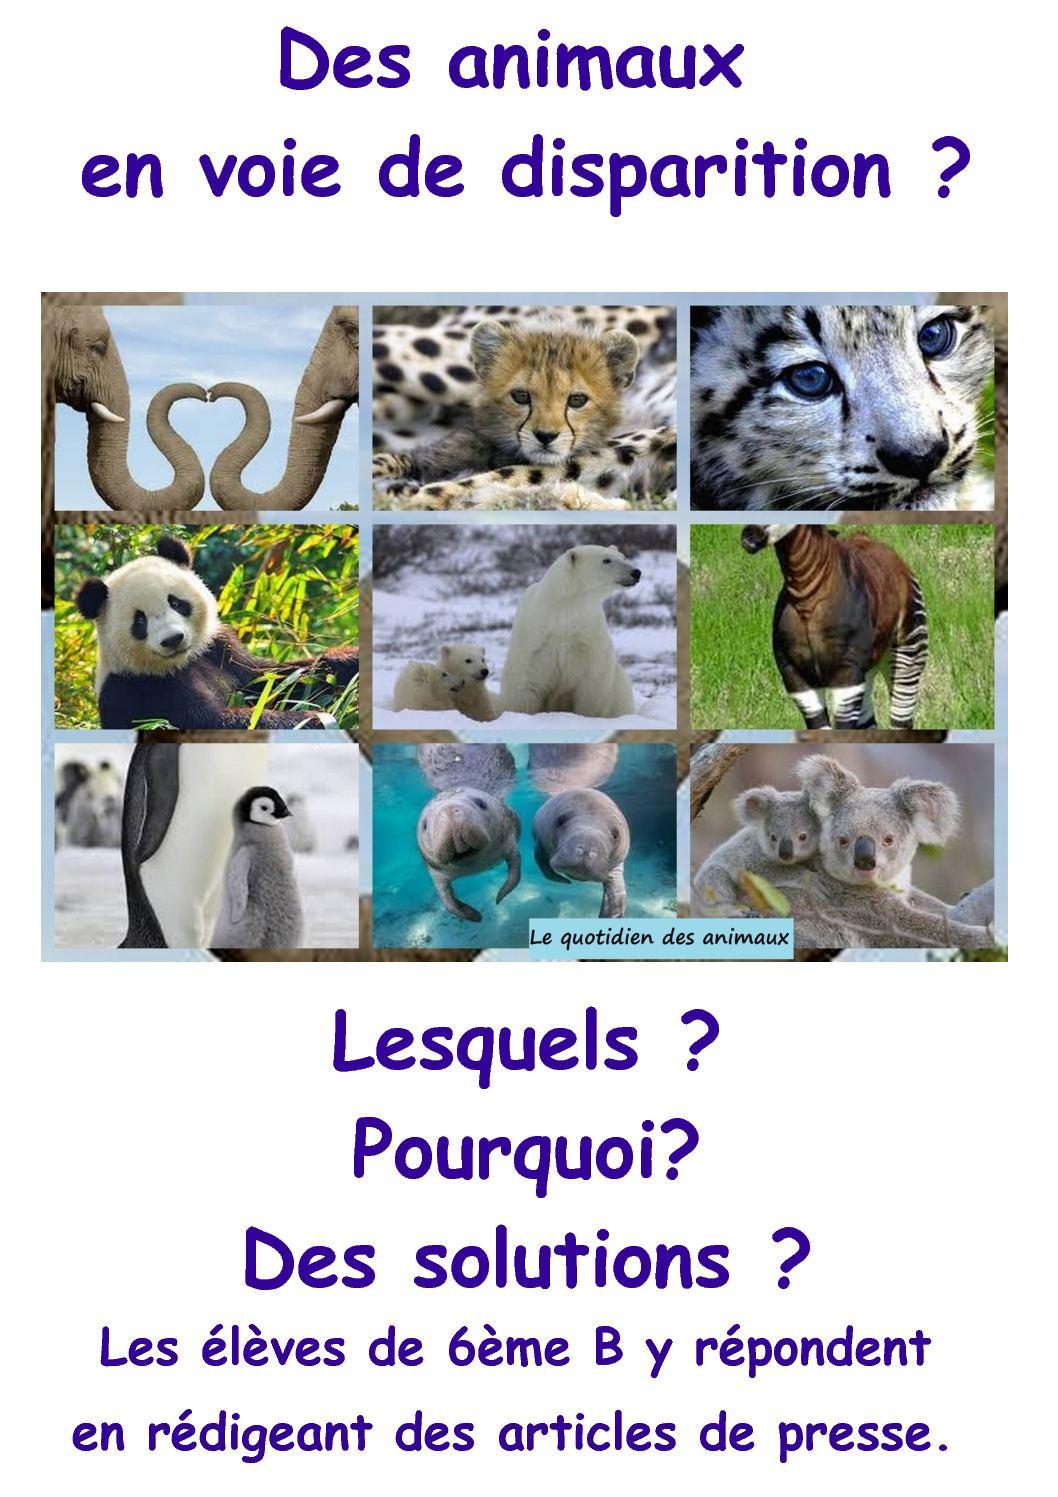 Animal En Voie De Disparition : animal, disparition, Calaméo, Animaux, Disparition, 6ème